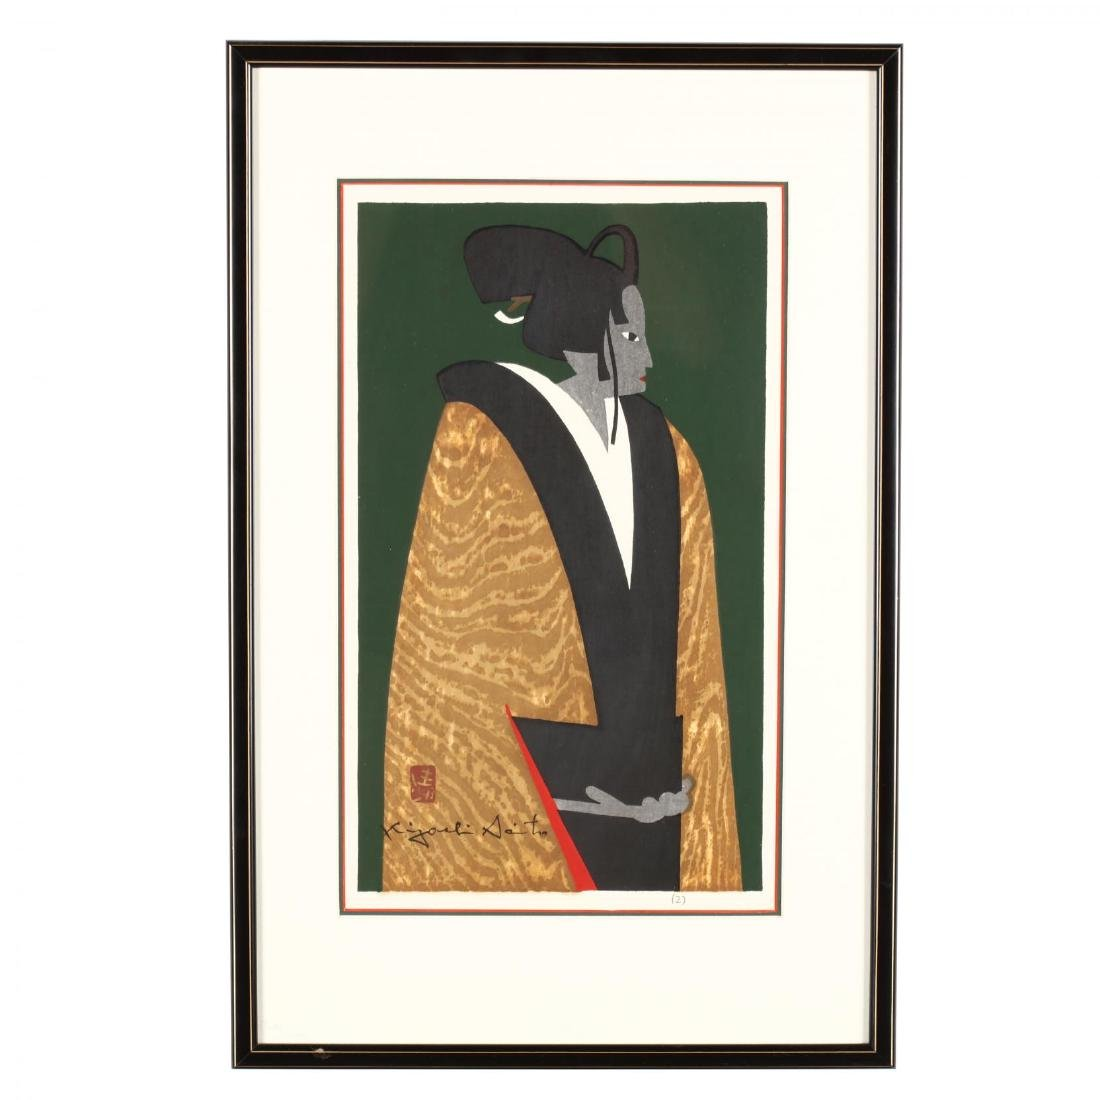 Two Japanese Woodblock Prints by Kiyoshi Saito - 2